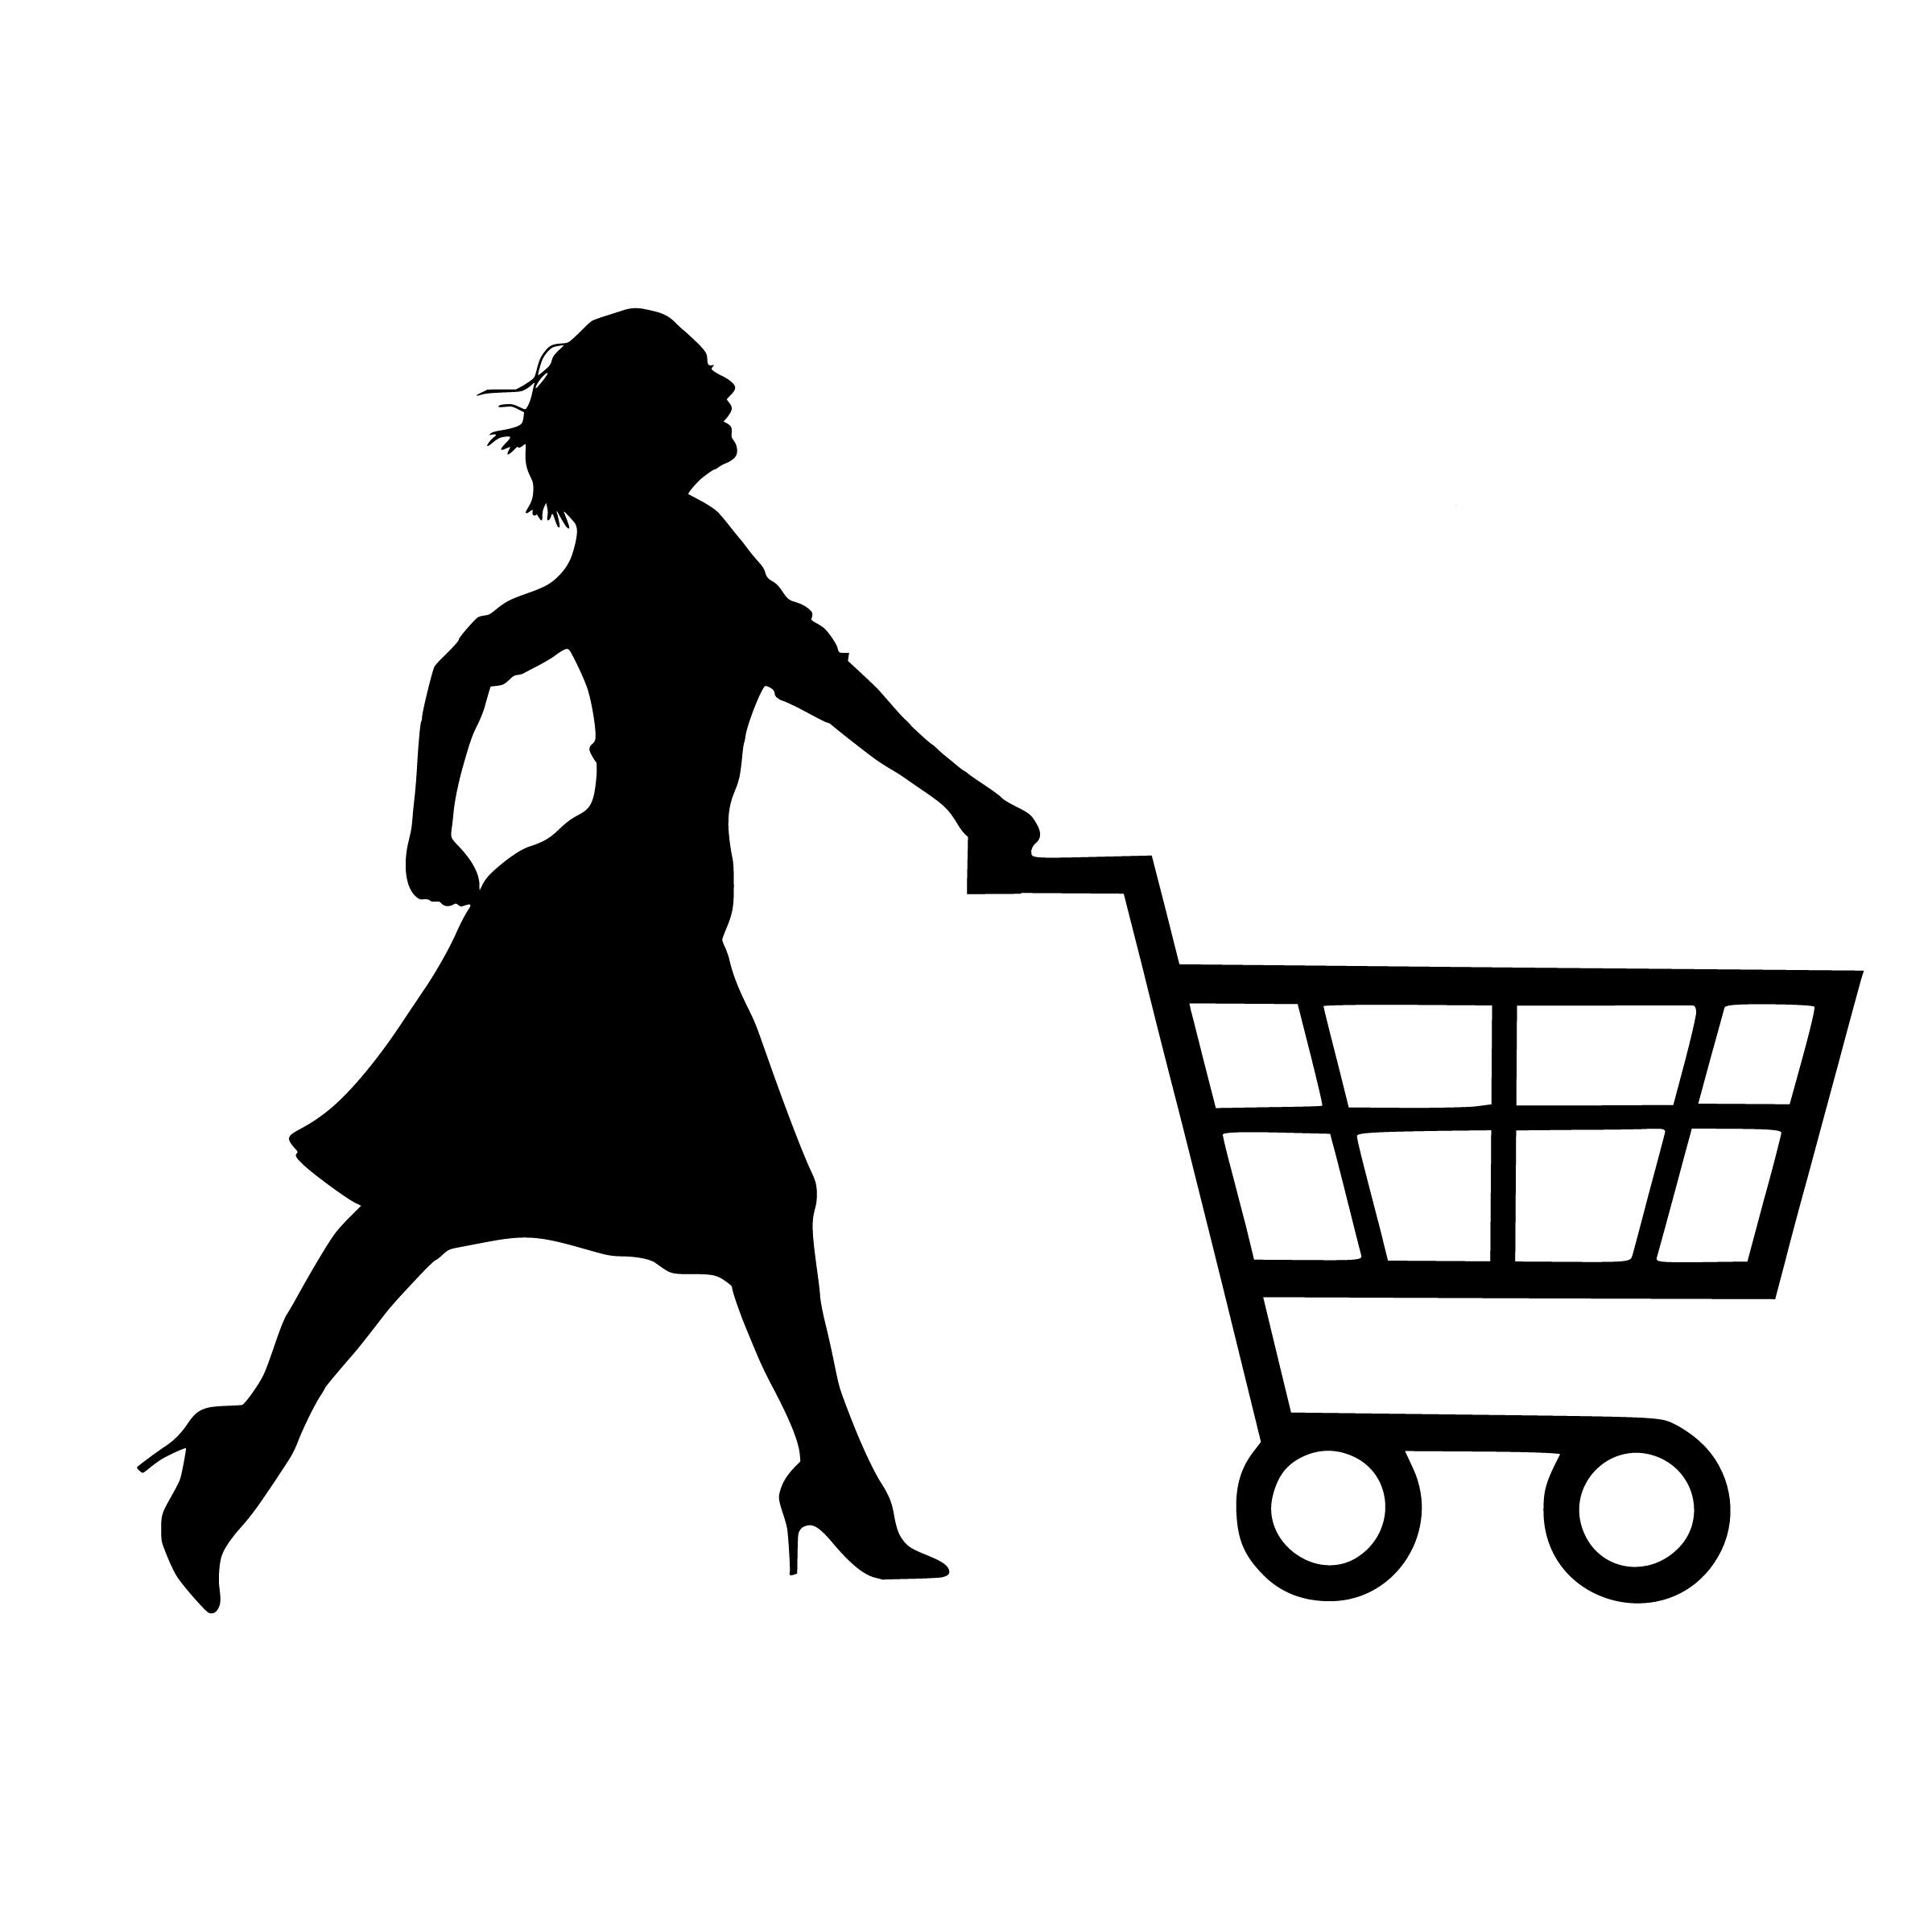 Frankford De Read Consumer: Fotos Gratis : Carro, Mujer, Corriendo, Correr, Comprar